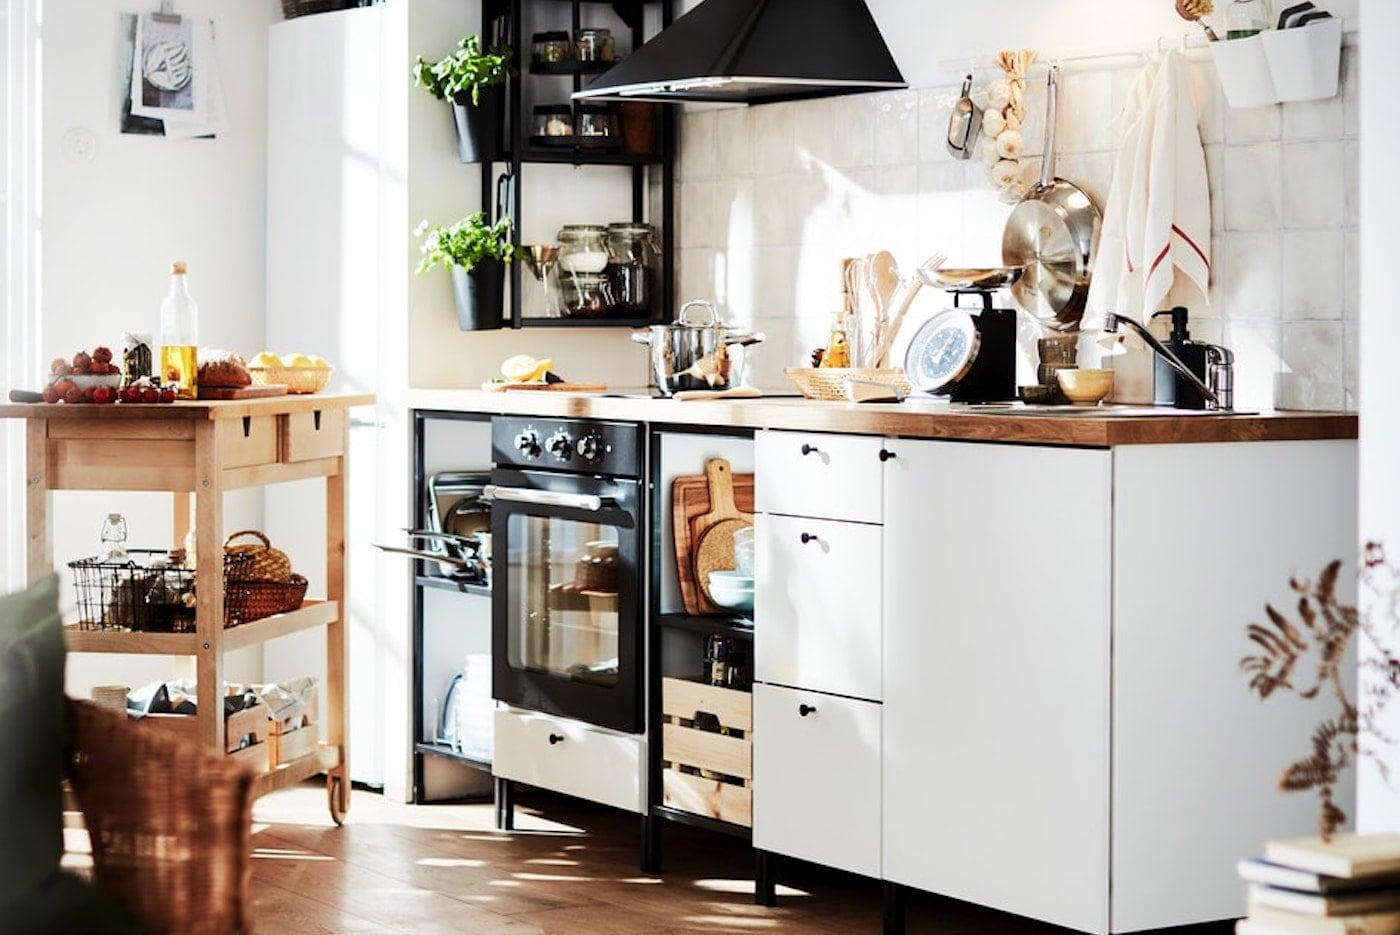 Küche & Küchenmöbel für dein Zuhause - IKEA Deutschland